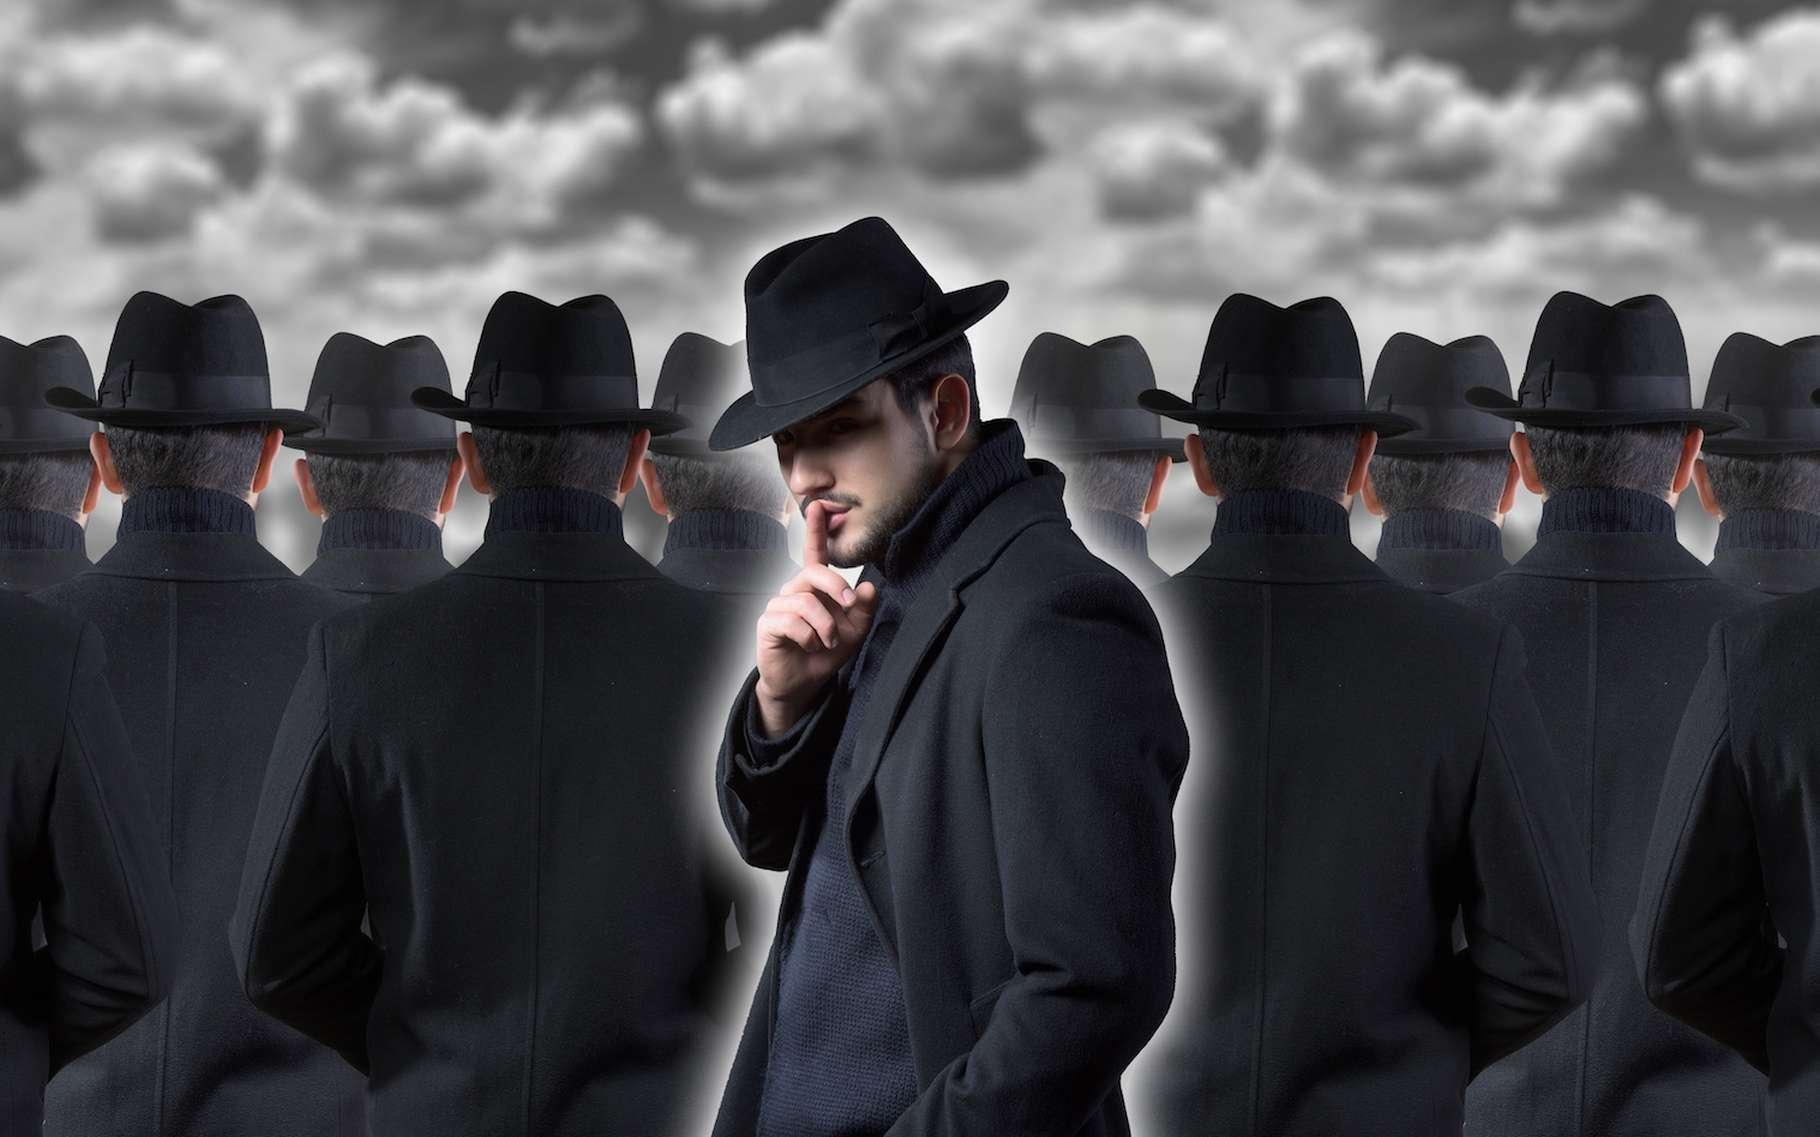 Non, les complotistes ne sont pas tous des illuminés qui portent un casque en aluminium sur la tête. Des chercheurs les jugent au contraire étonnamment ordinaires. © rodjulian, Adobe Stock